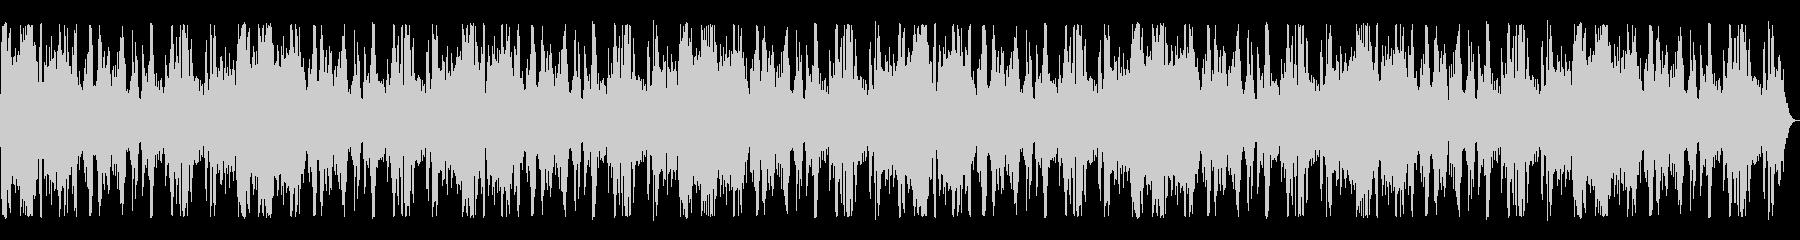 海辺の波の音の未再生の波形